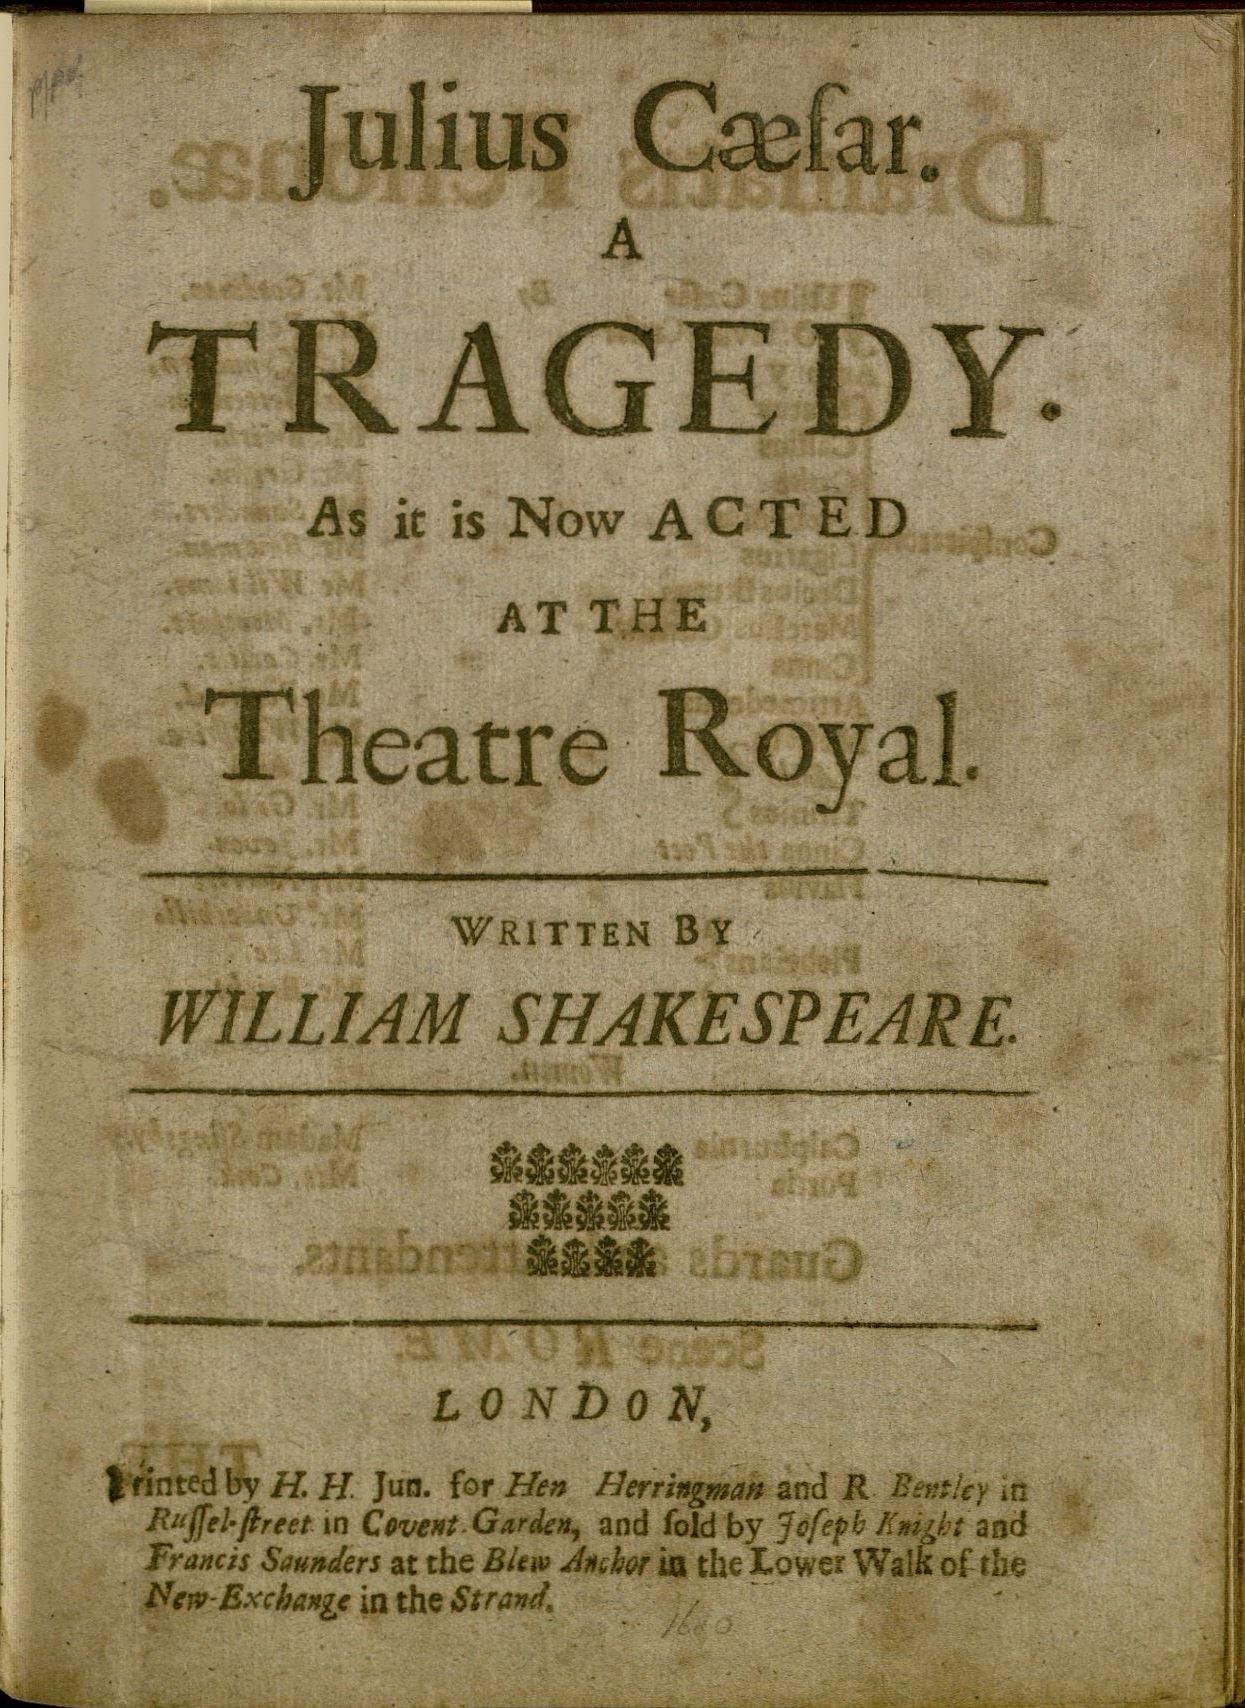 Julius Caesar 3rd edition